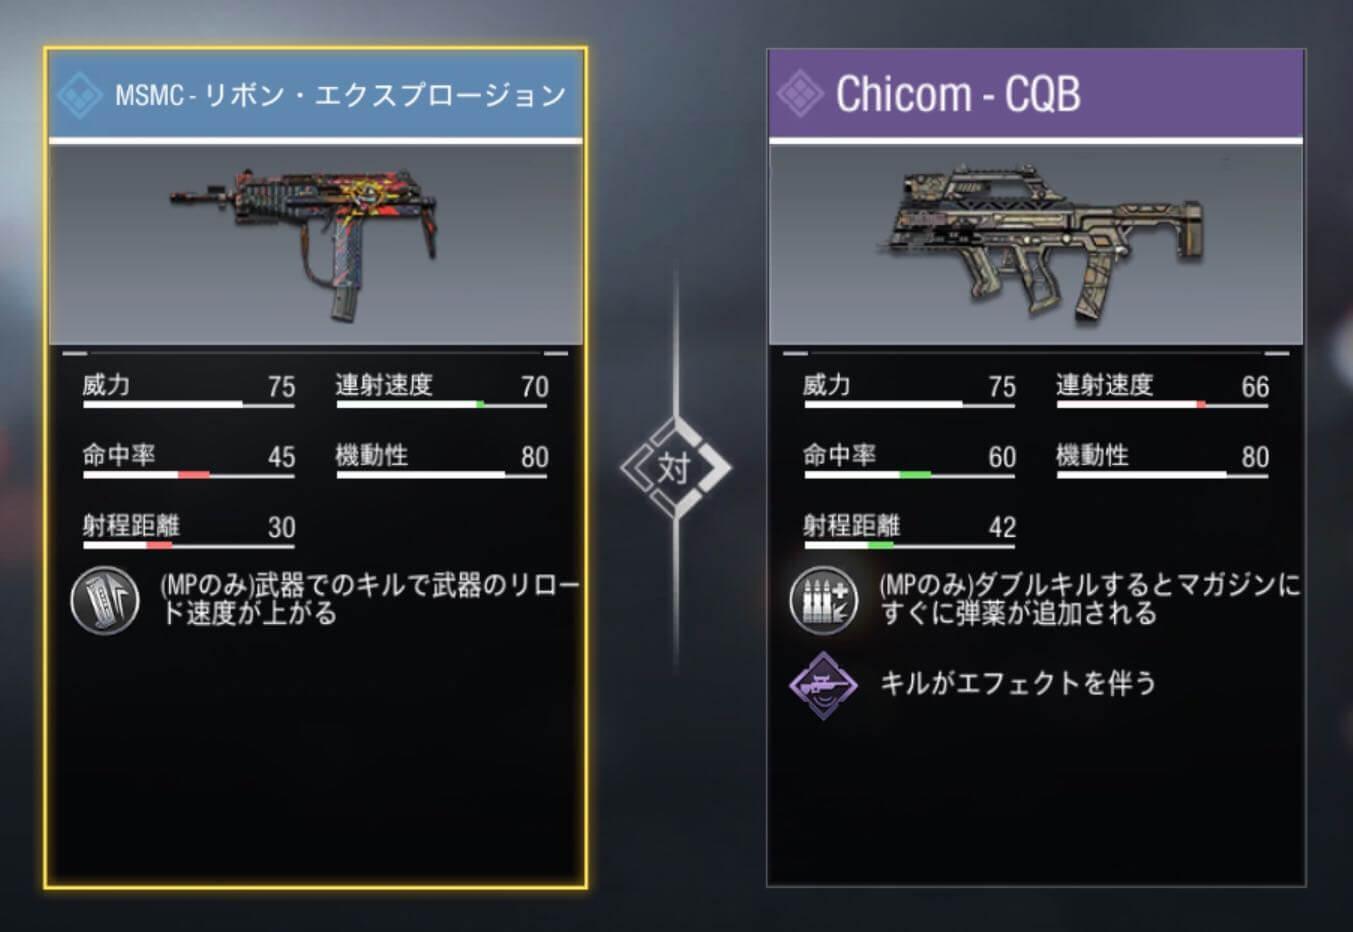 【CoDモバイル】「Chicom-CQB」と「MSMC」の比較【他SMGとの比較】